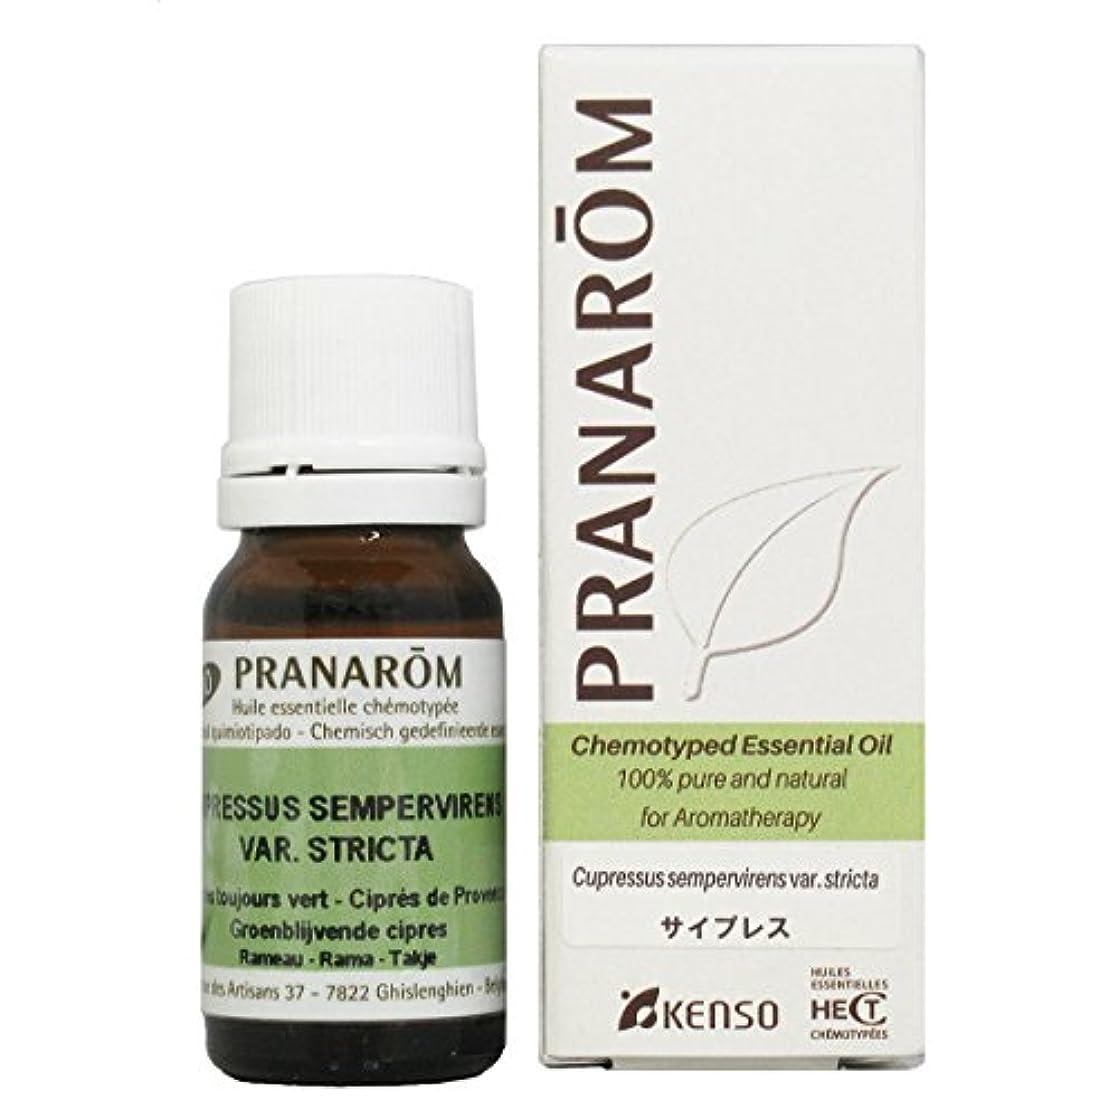 血色の良い意味する望むプラナロム エッセンシャルオイル ティートゥリー 10ml